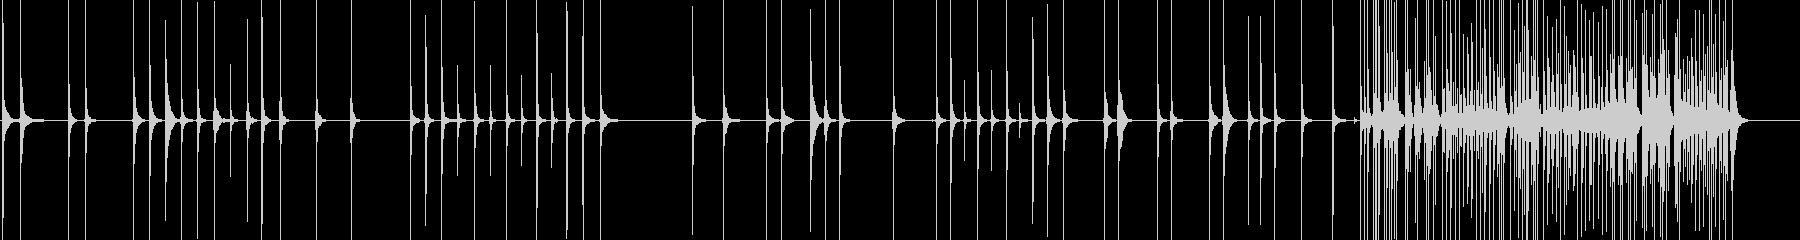 三味線69勧進帳22二段目の延年の舞合方の未再生の波形